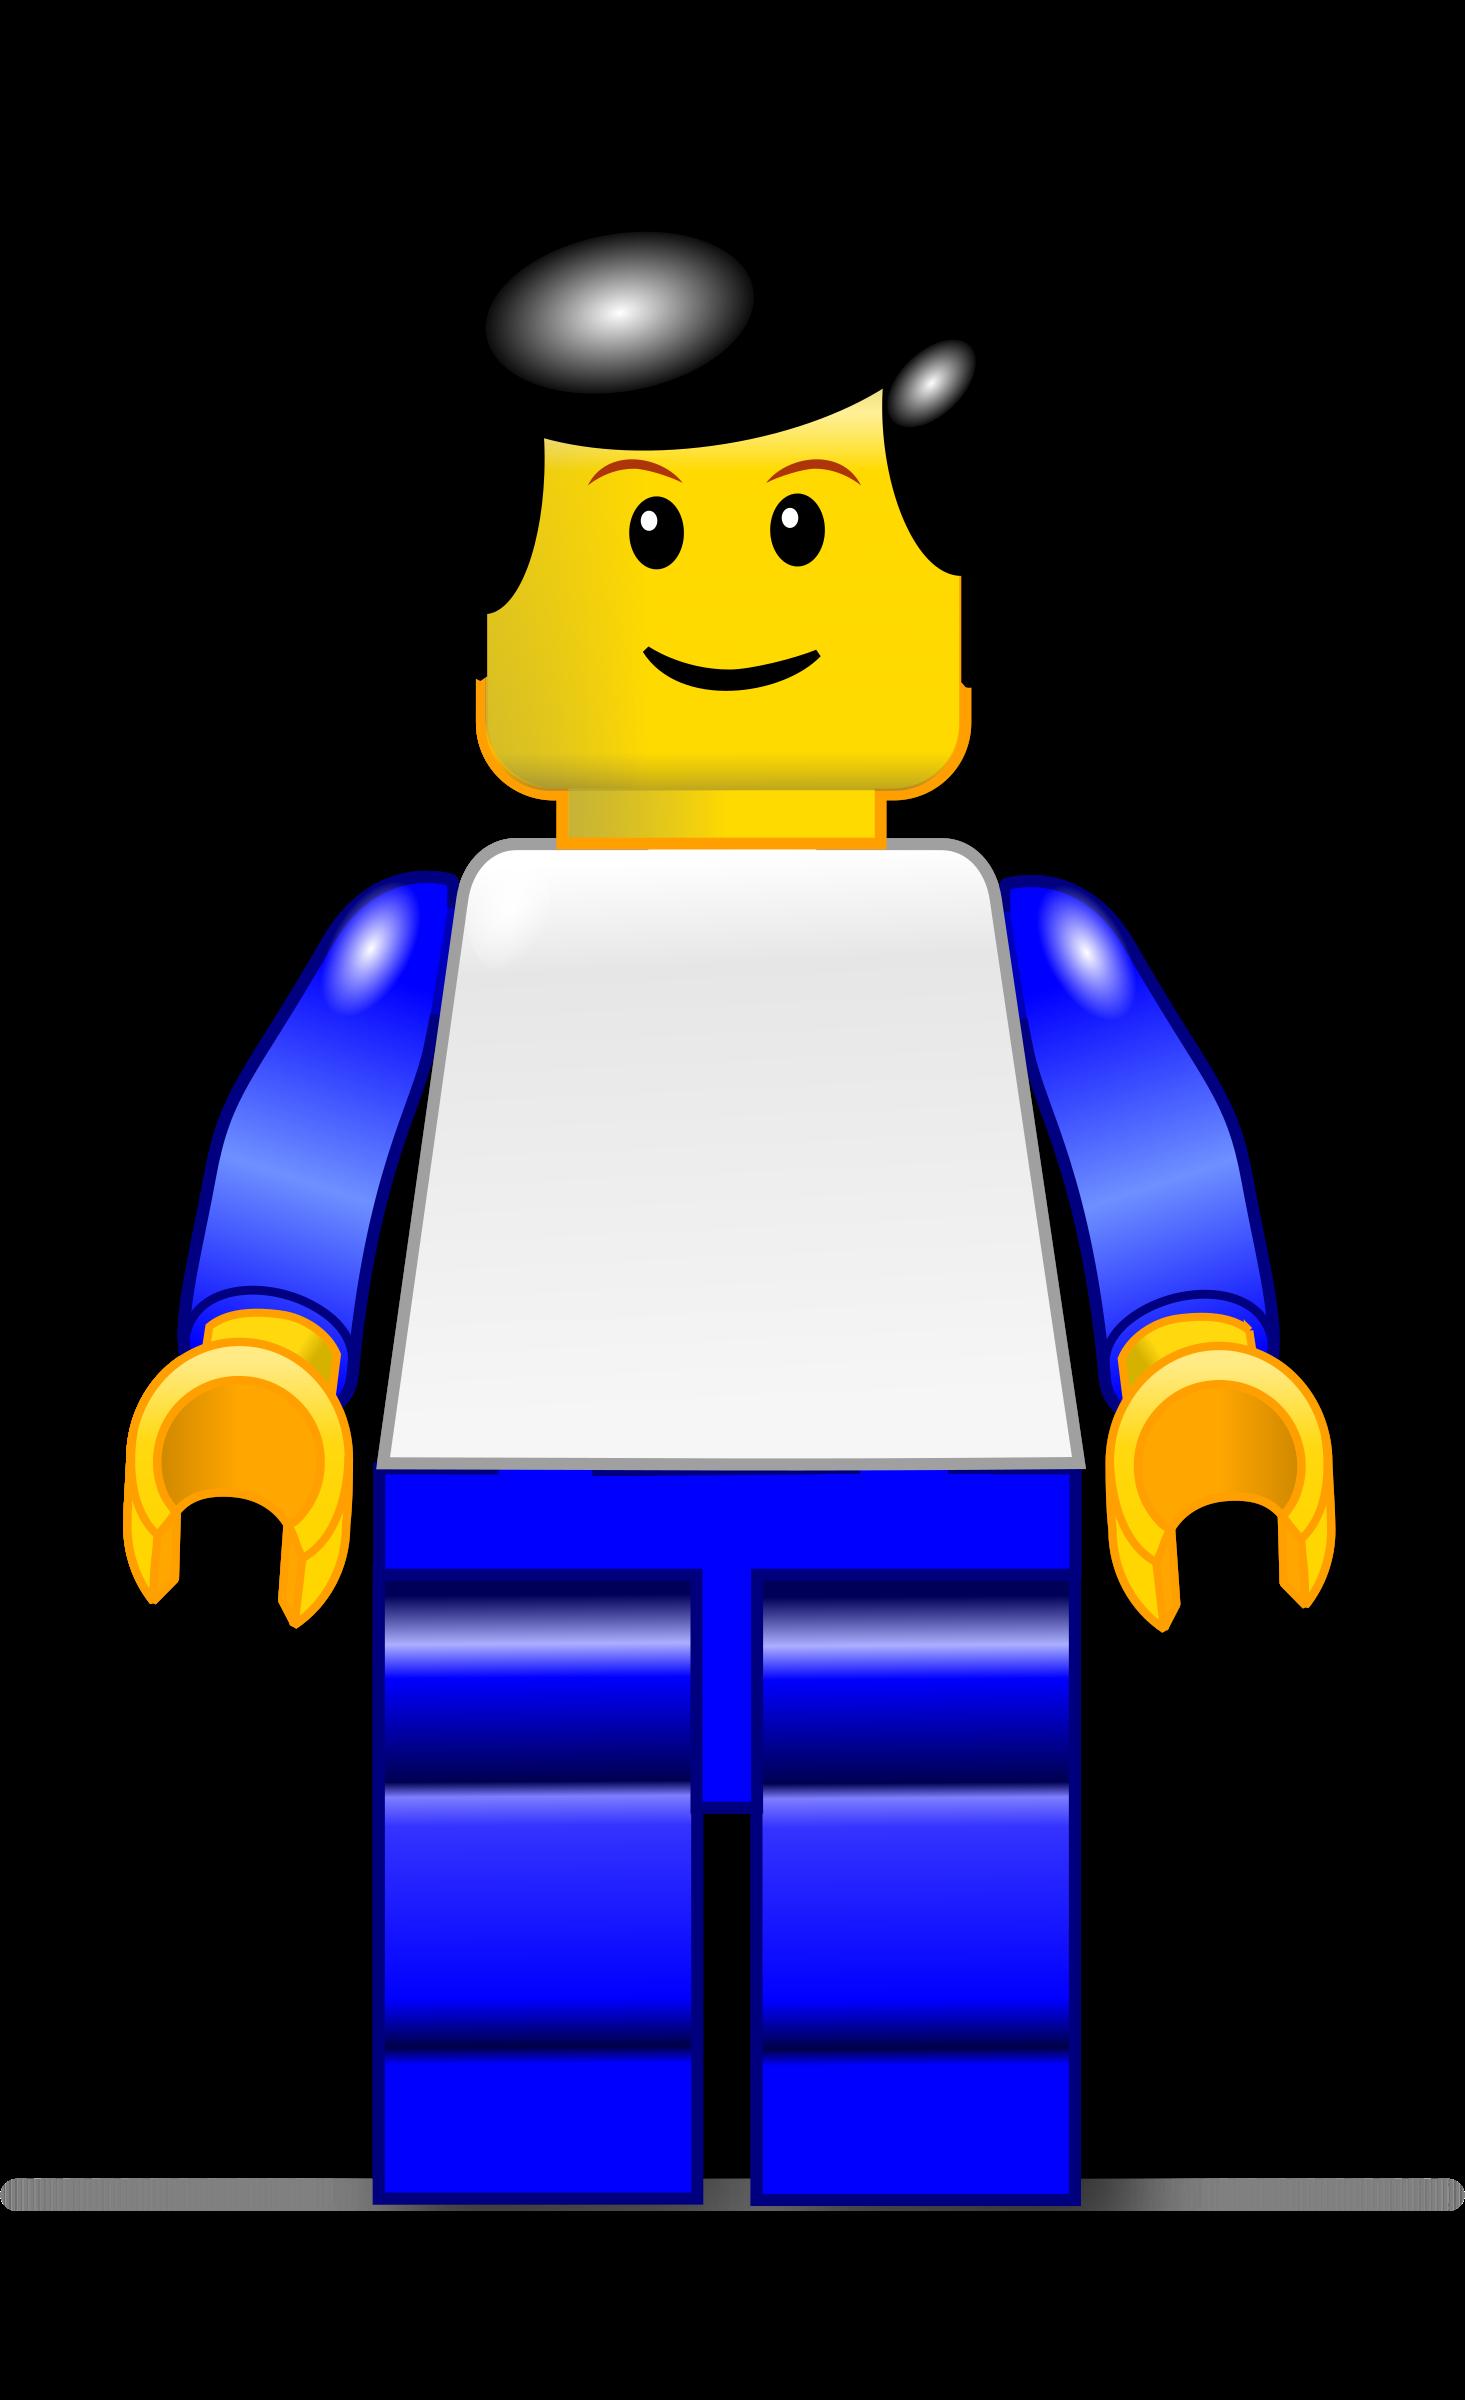 Lego guy clipart image royalty free stock Lego Man Clipart   Free download best Lego Man Clipart on ClipArtMag.com image royalty free stock